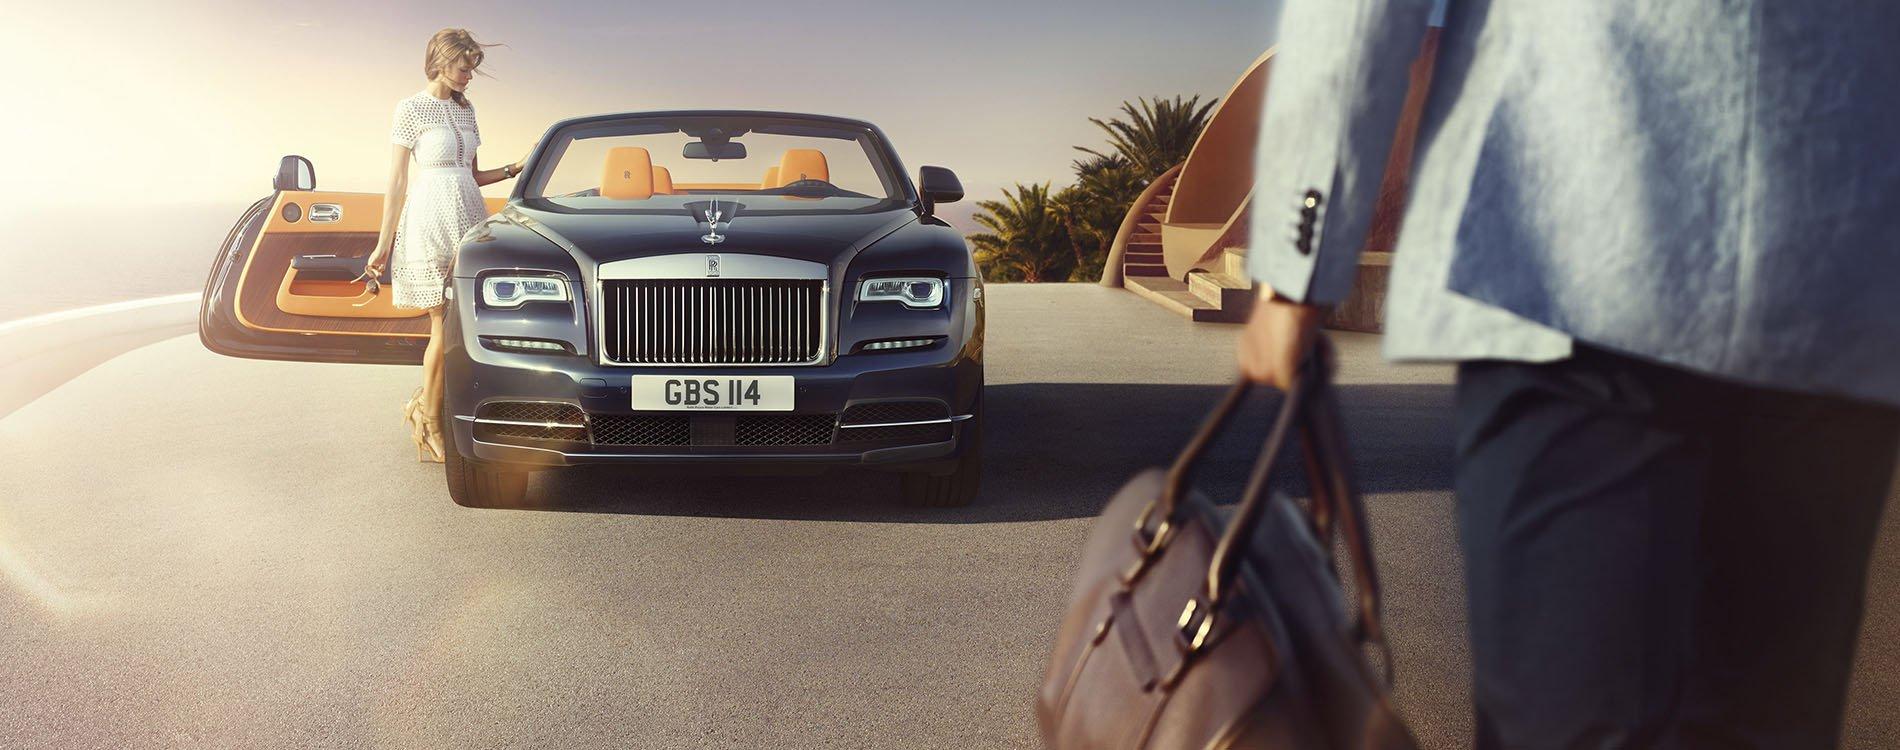 Rolls-Royce Dawn, lujo descapotable